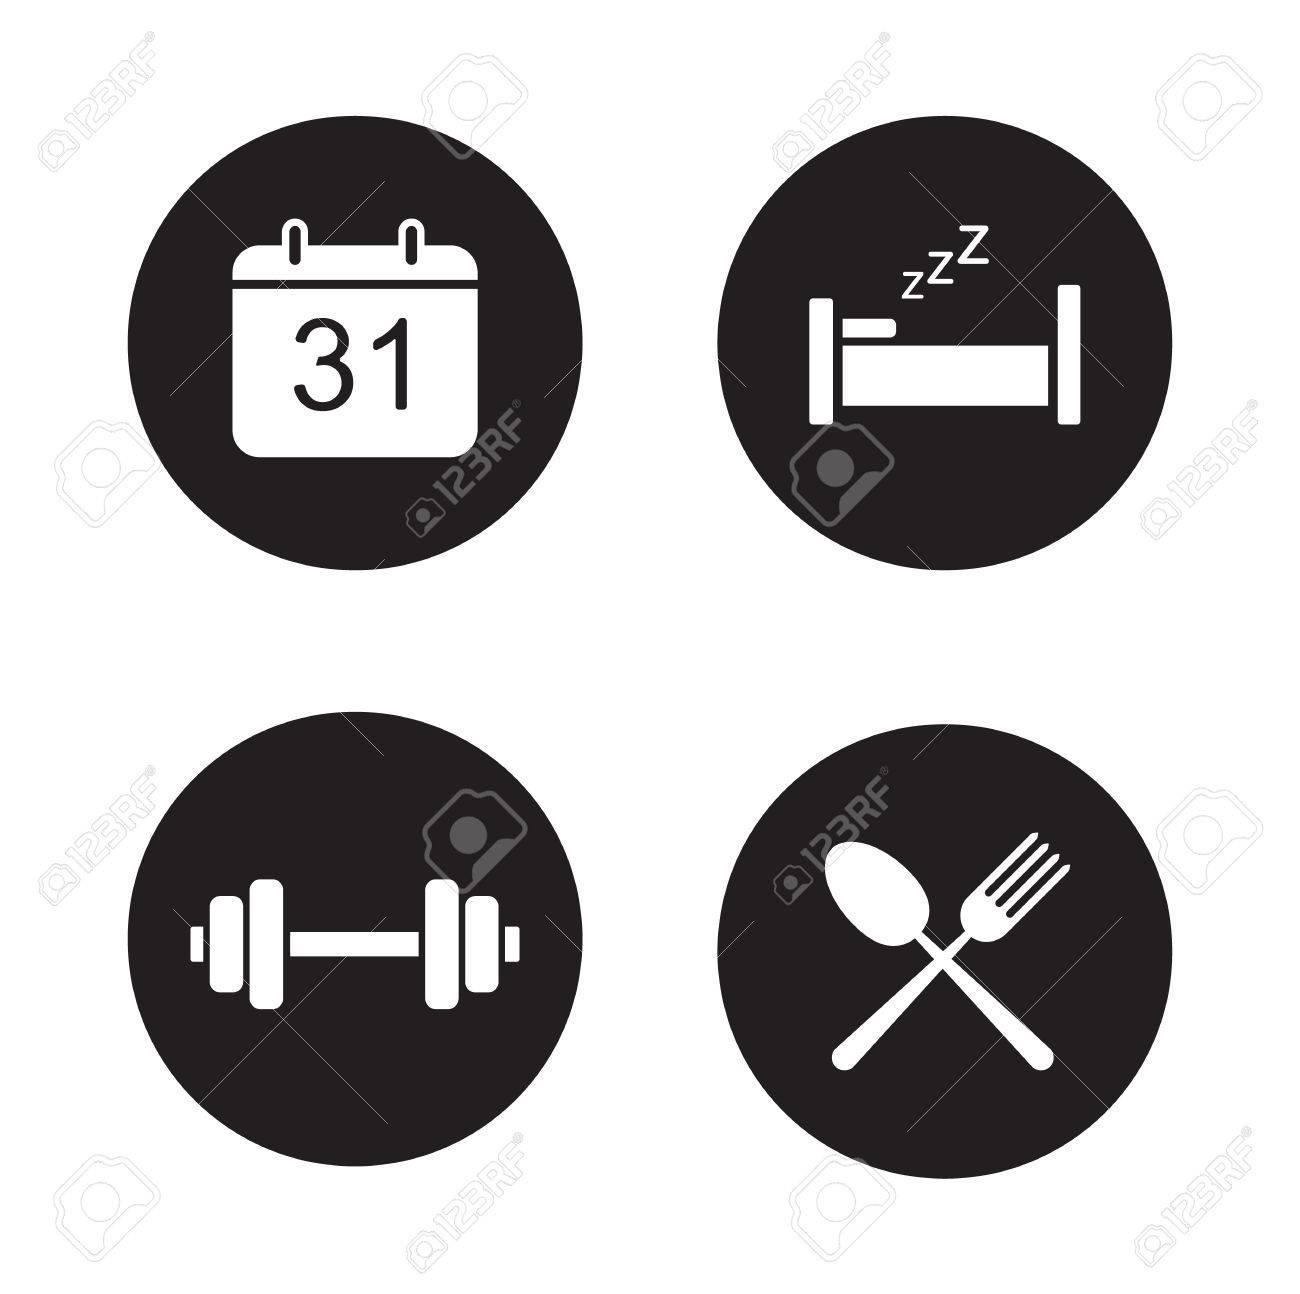 Calendario Fisico.Giorno Pianificazione Icone Nere Set Attivita Quotidiane Cerchio Symbols Gym Allenamento E Calendario Organizzatore Sonno E Della Nutrizione Bianche